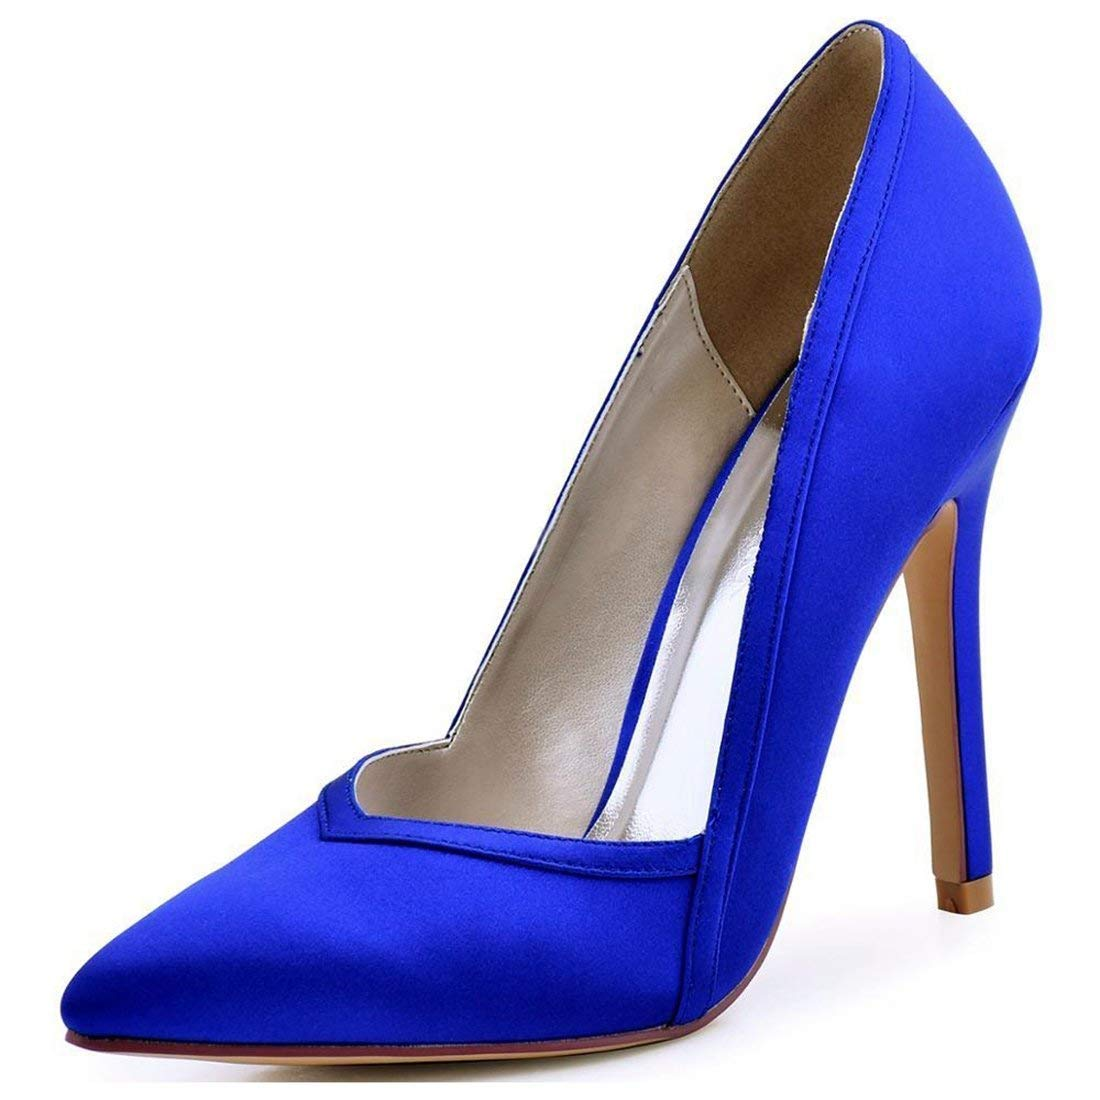 ZHRUI Damen Spitz Stiletto High Heel Blau Satin Abend Hochzeit Abend Satin Pumps UK 8 (Farbe   -, Größe   -) 6768e5